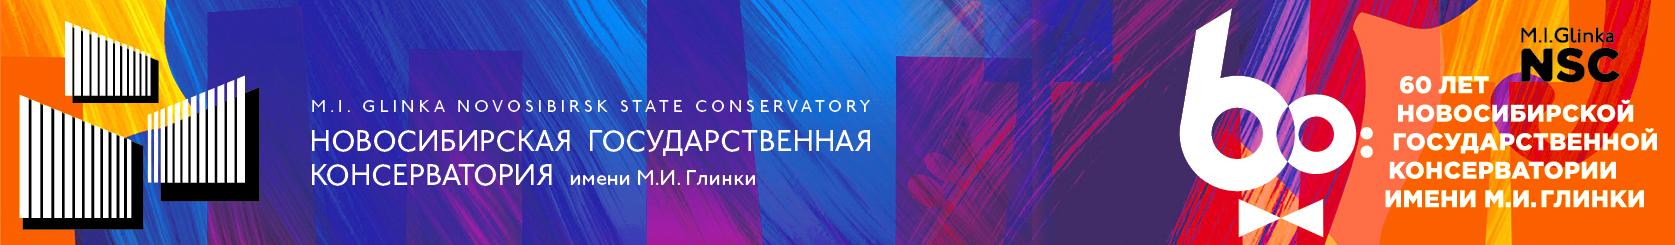 shapkasajt1